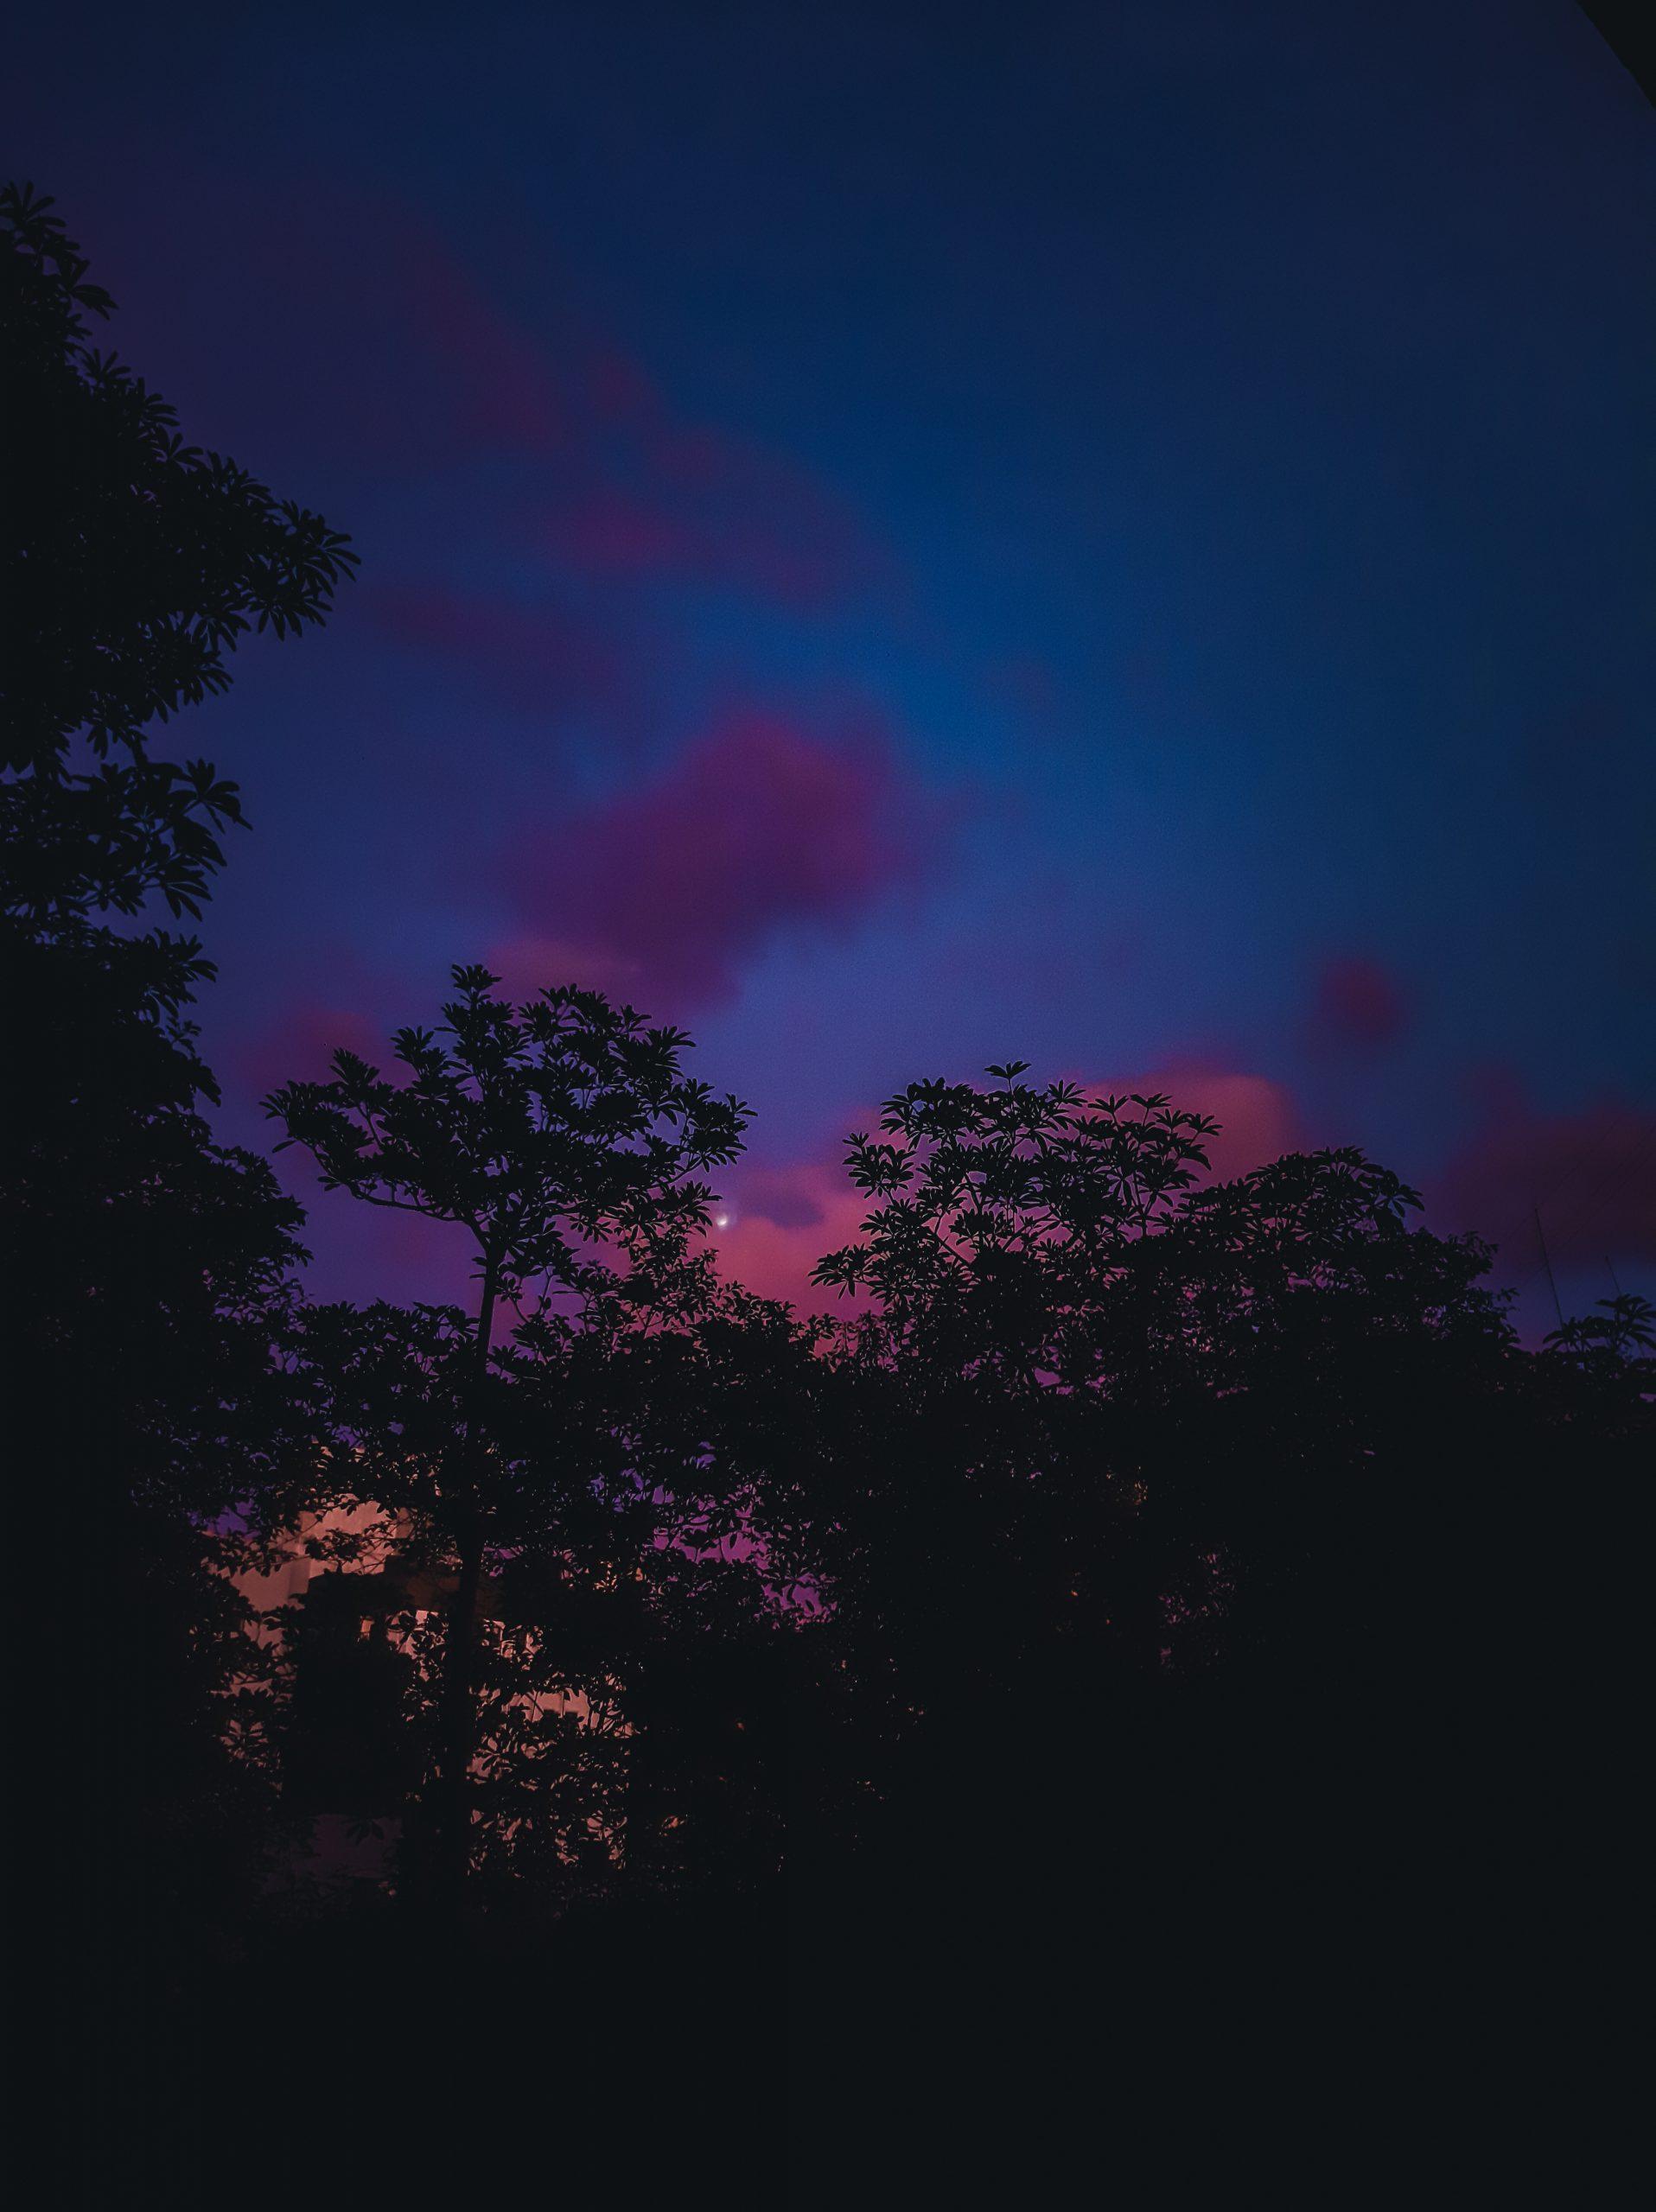 Aesthetic sky in the dark.